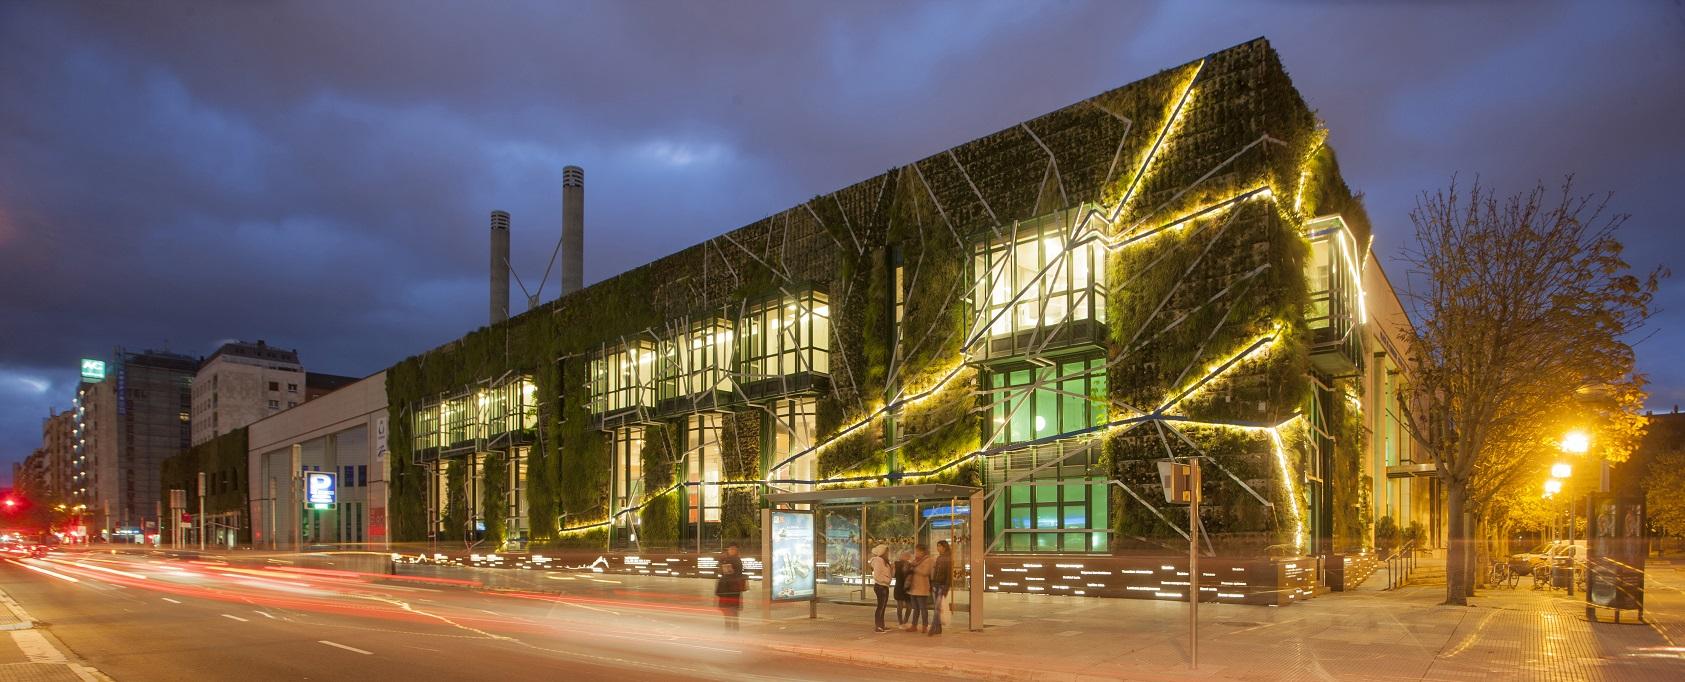 Шесть биоклиматических зданий в Испании